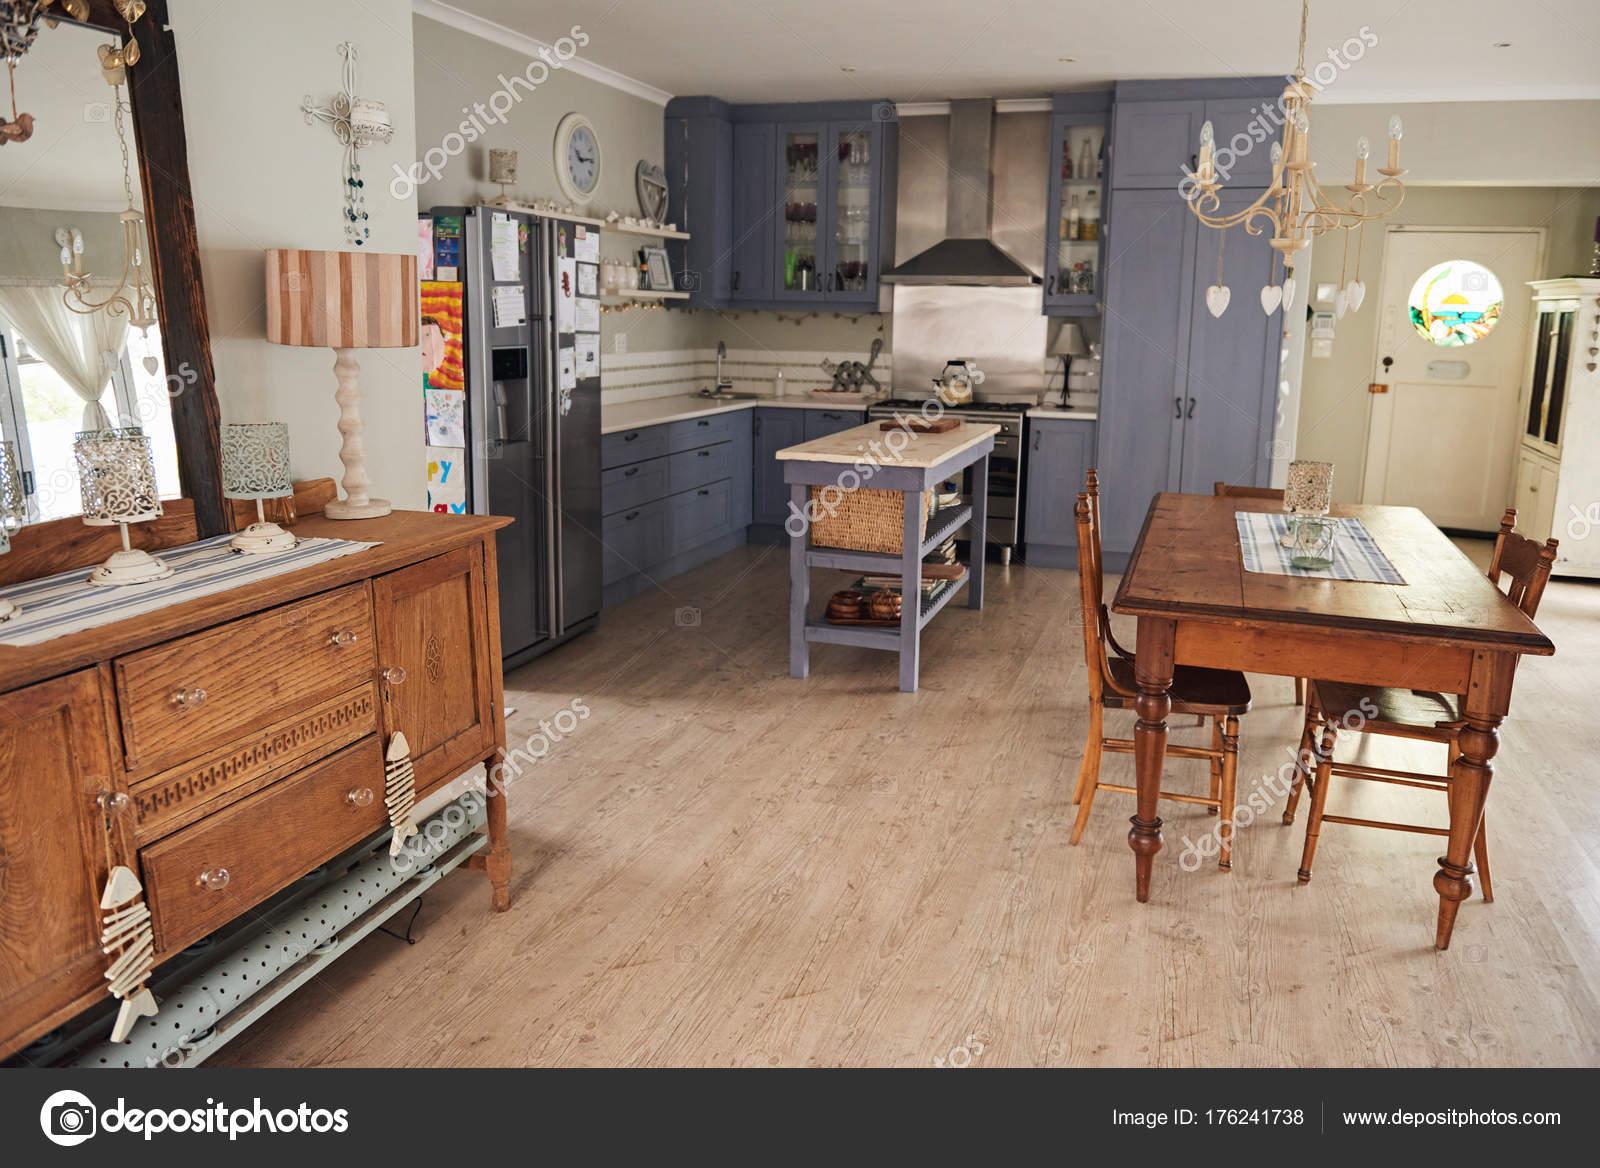 Excepcional Estilo Country Cocinas Fotos Galería - Ideas Del ...